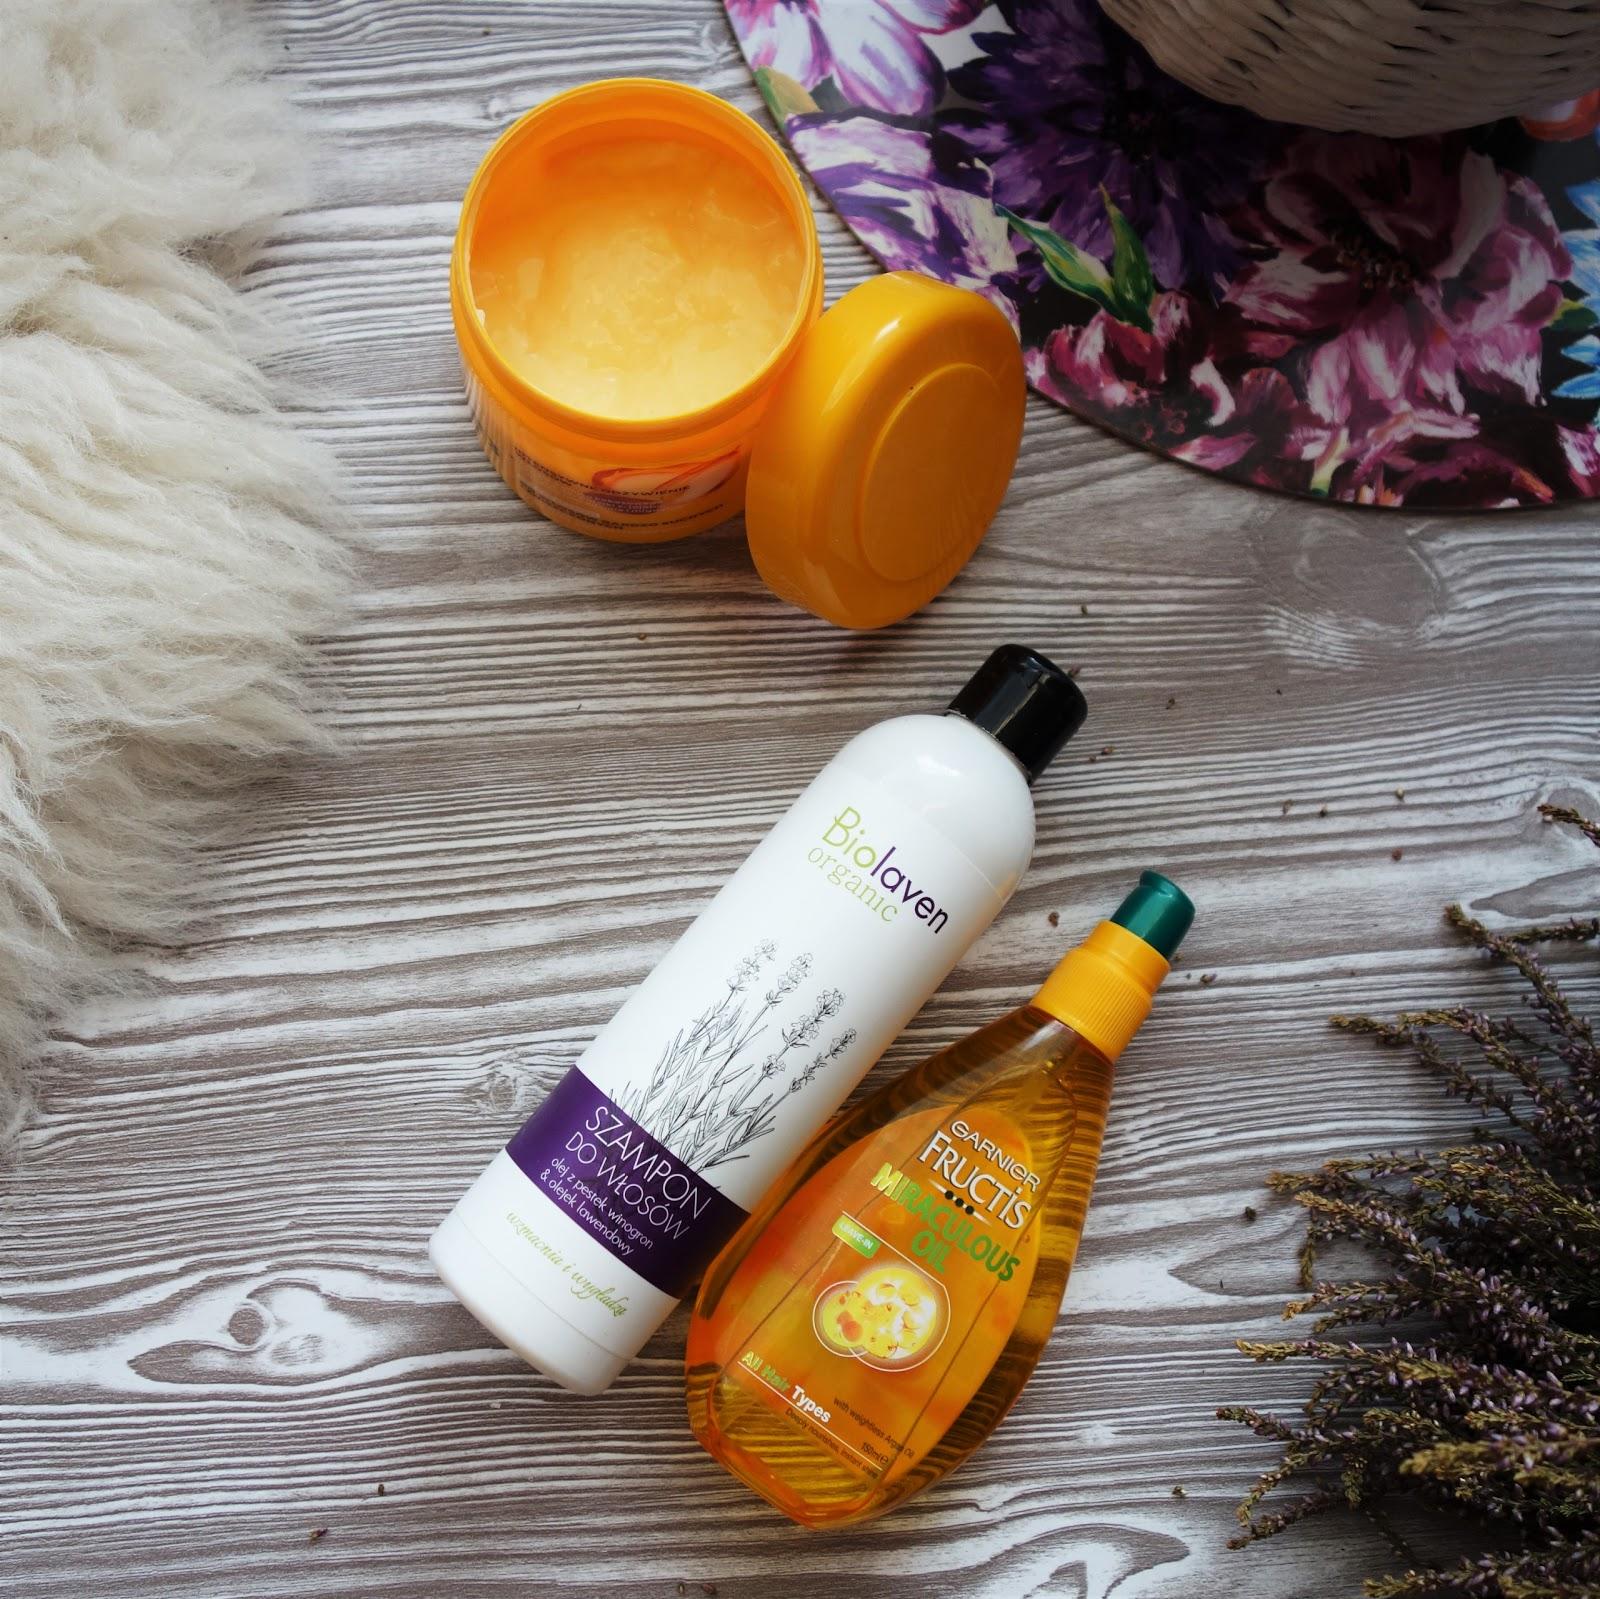 Biolaven - naturalny szampon do włosów